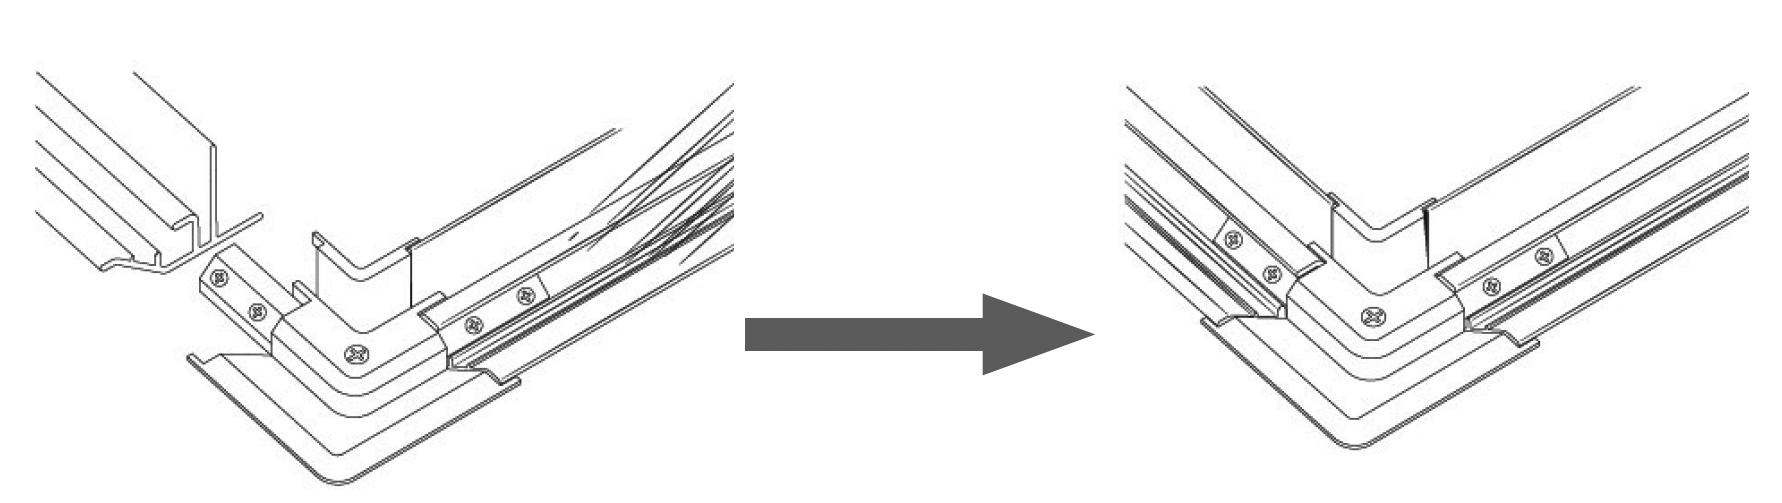 pf-step-1